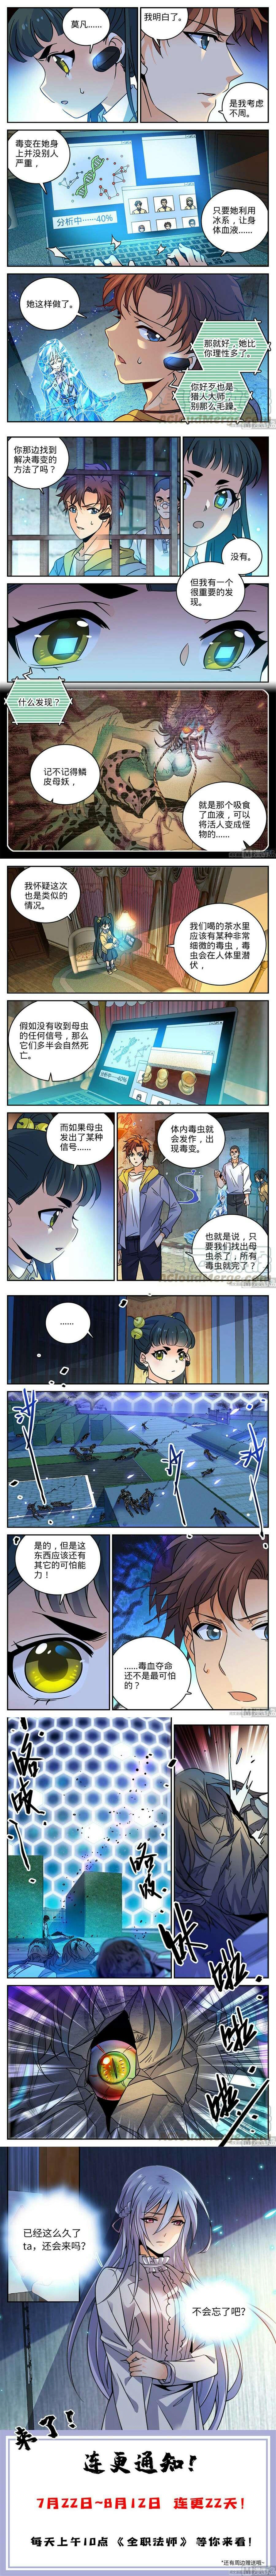 【漫画更新】全职法师  563